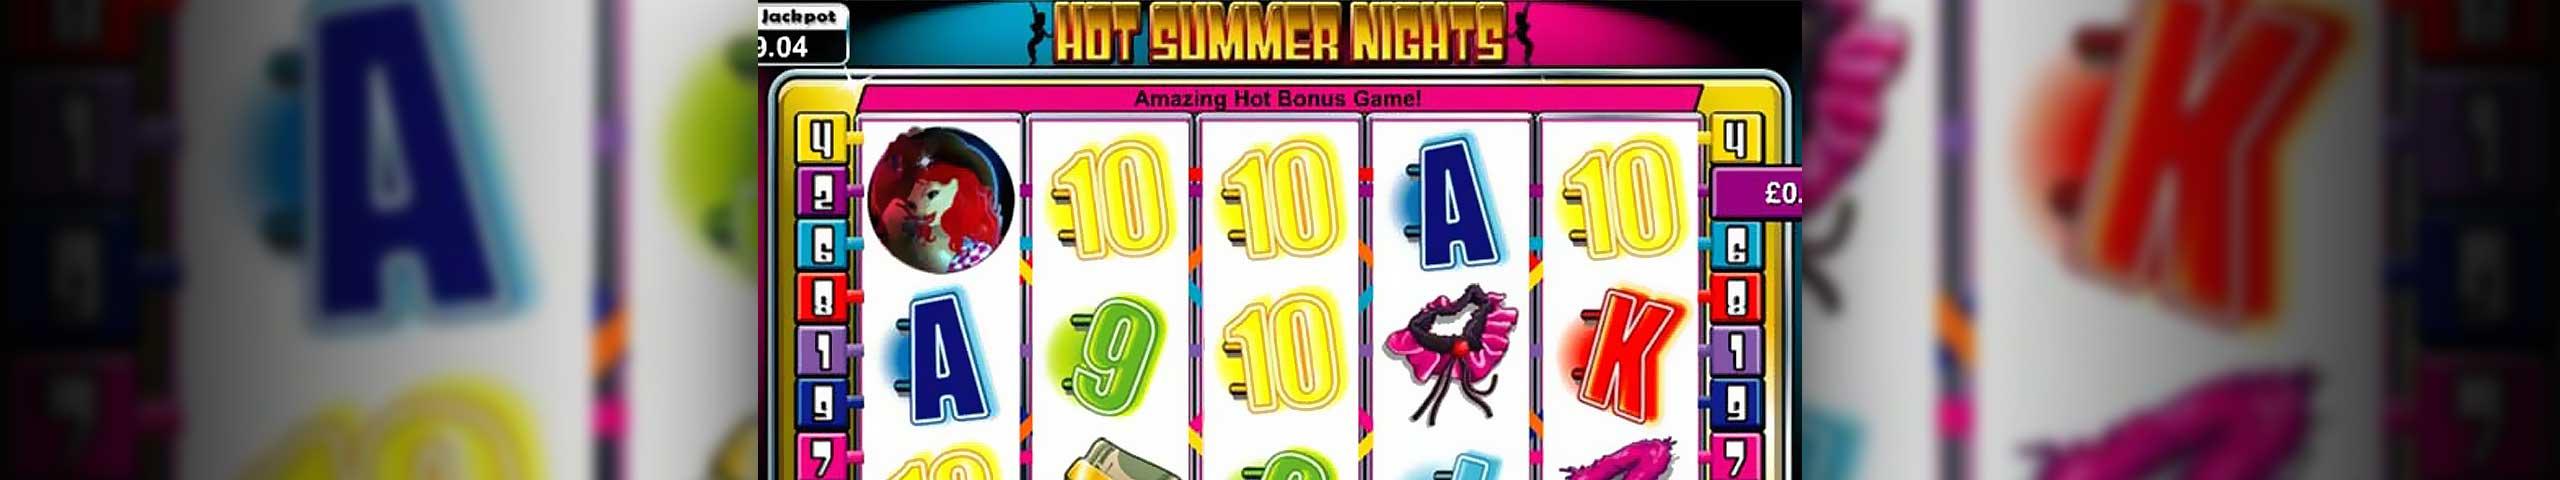 Spelautomater Hot Summer Nights, Cryptologic Slider - Wyrmspel.com